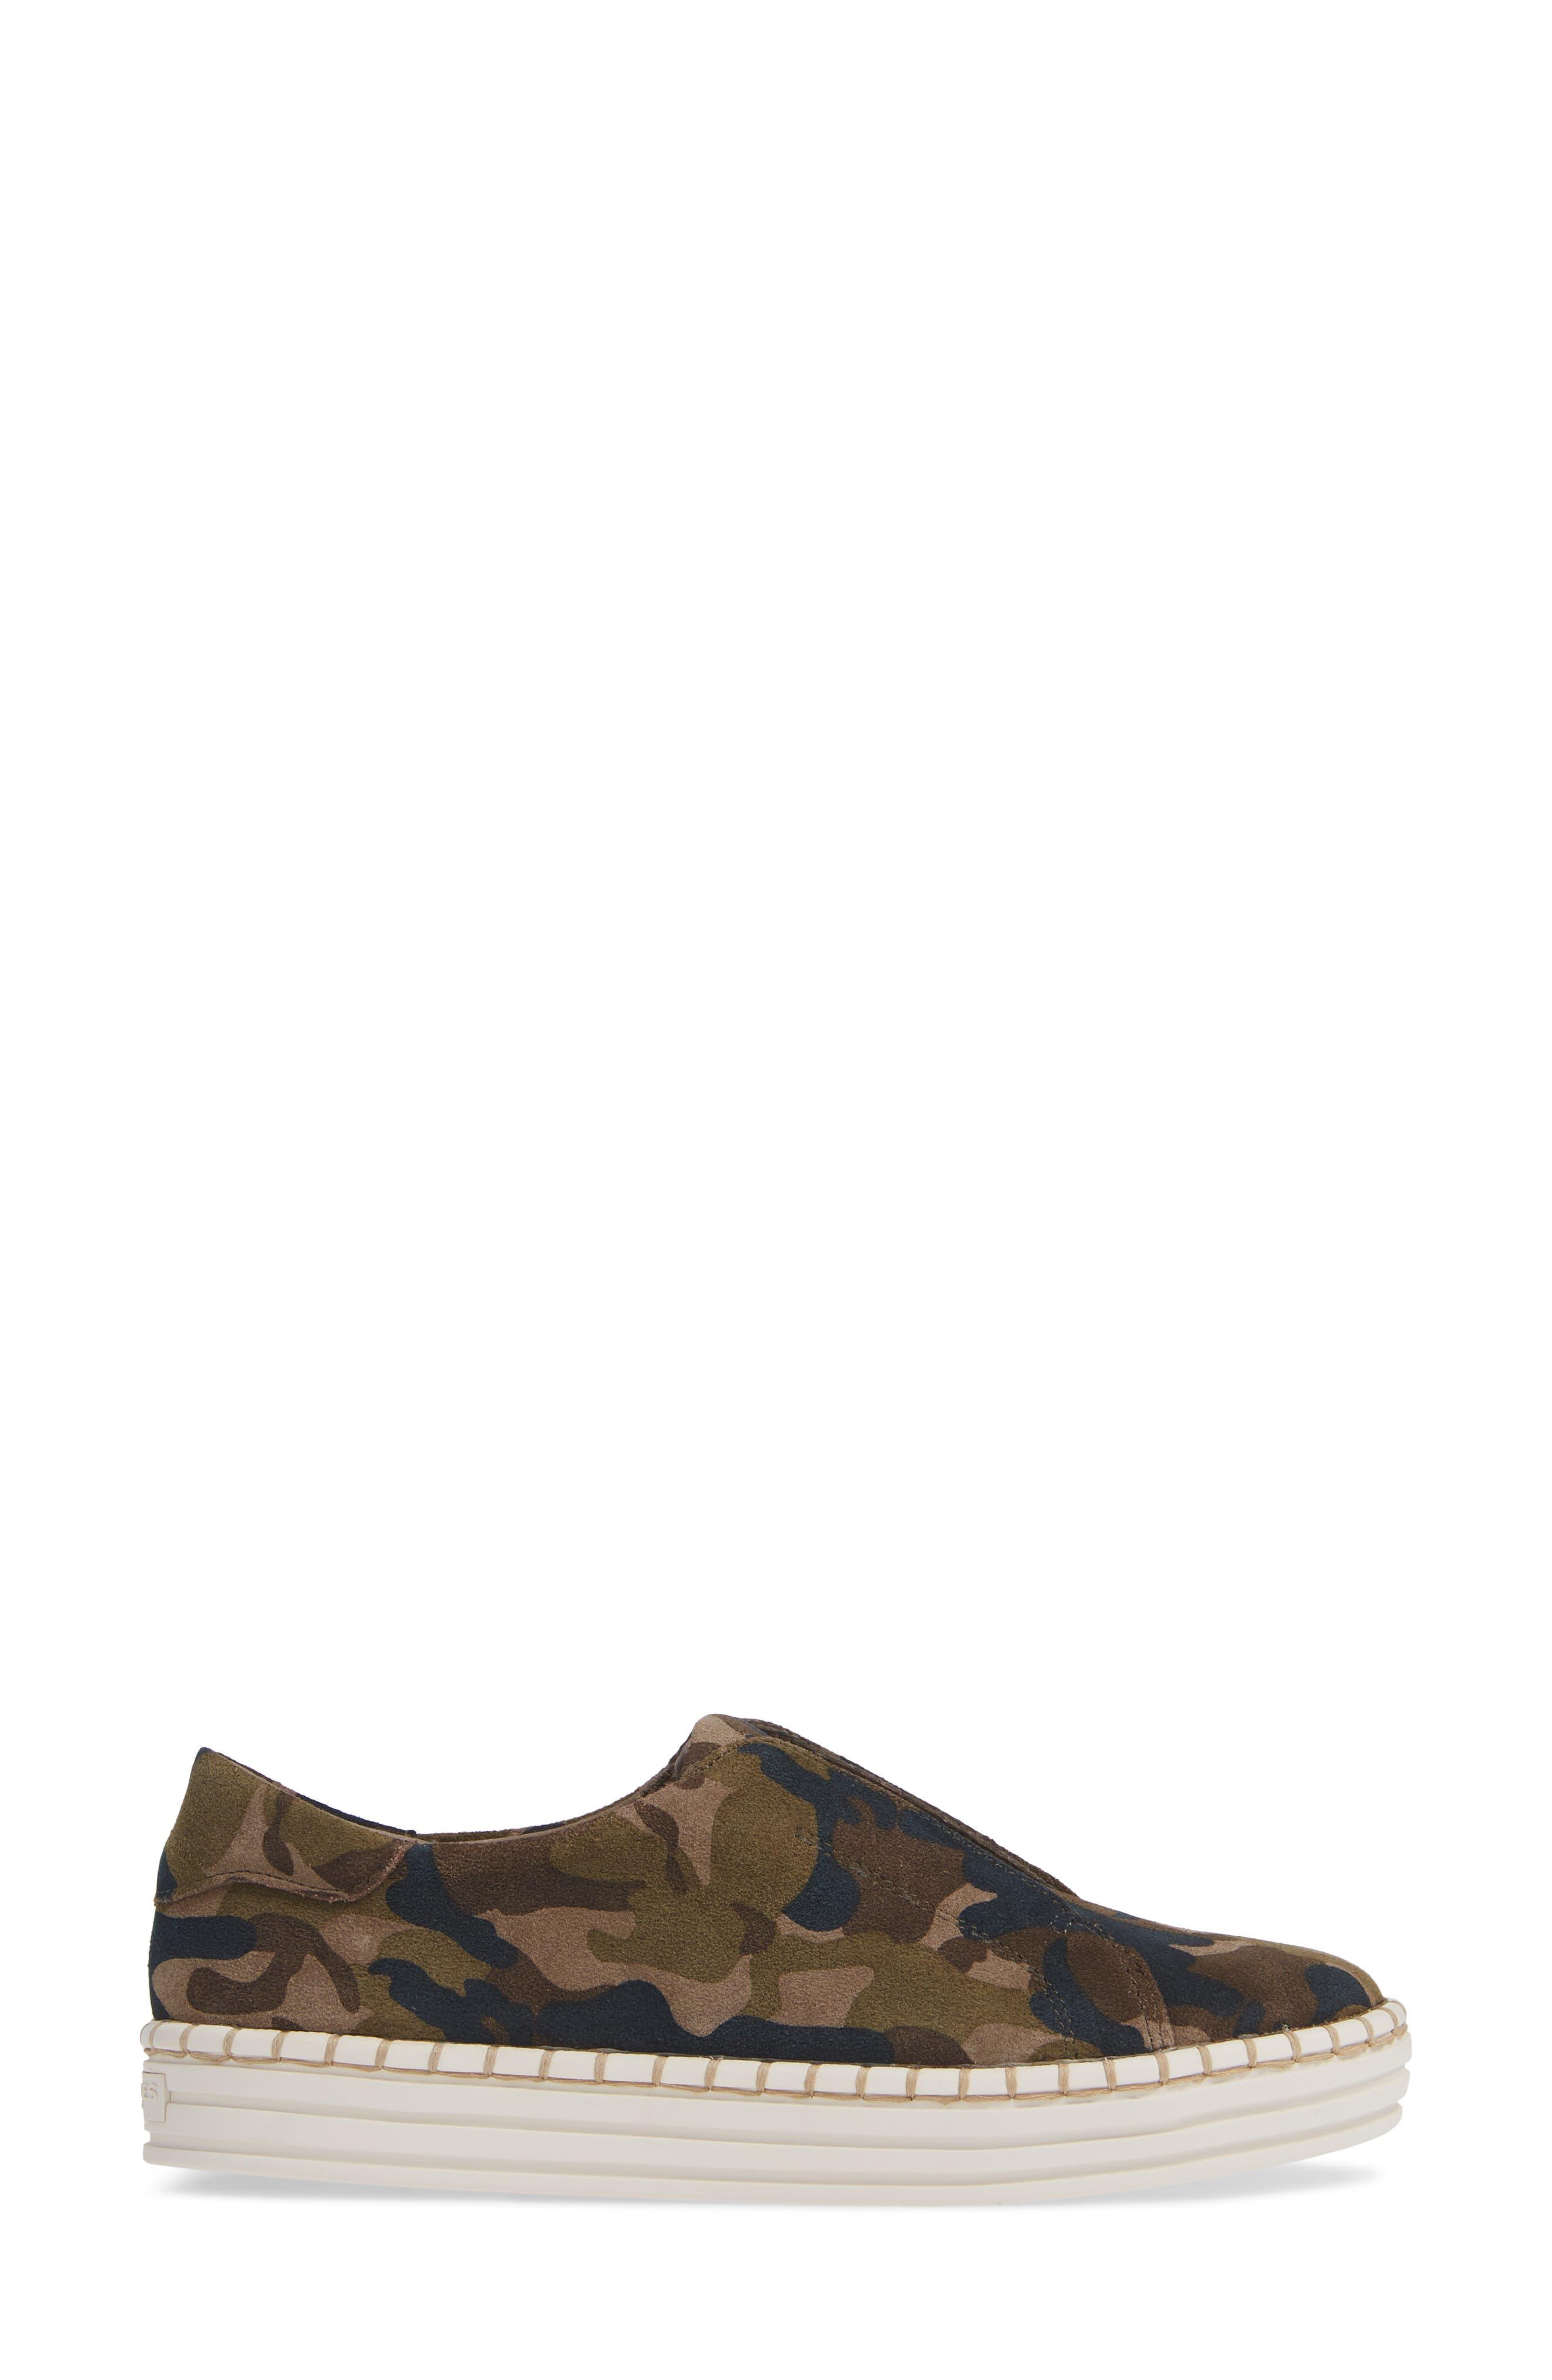 Karla Sneaker,                             Alternate thumbnail 6, color,                             Green Camo Suede